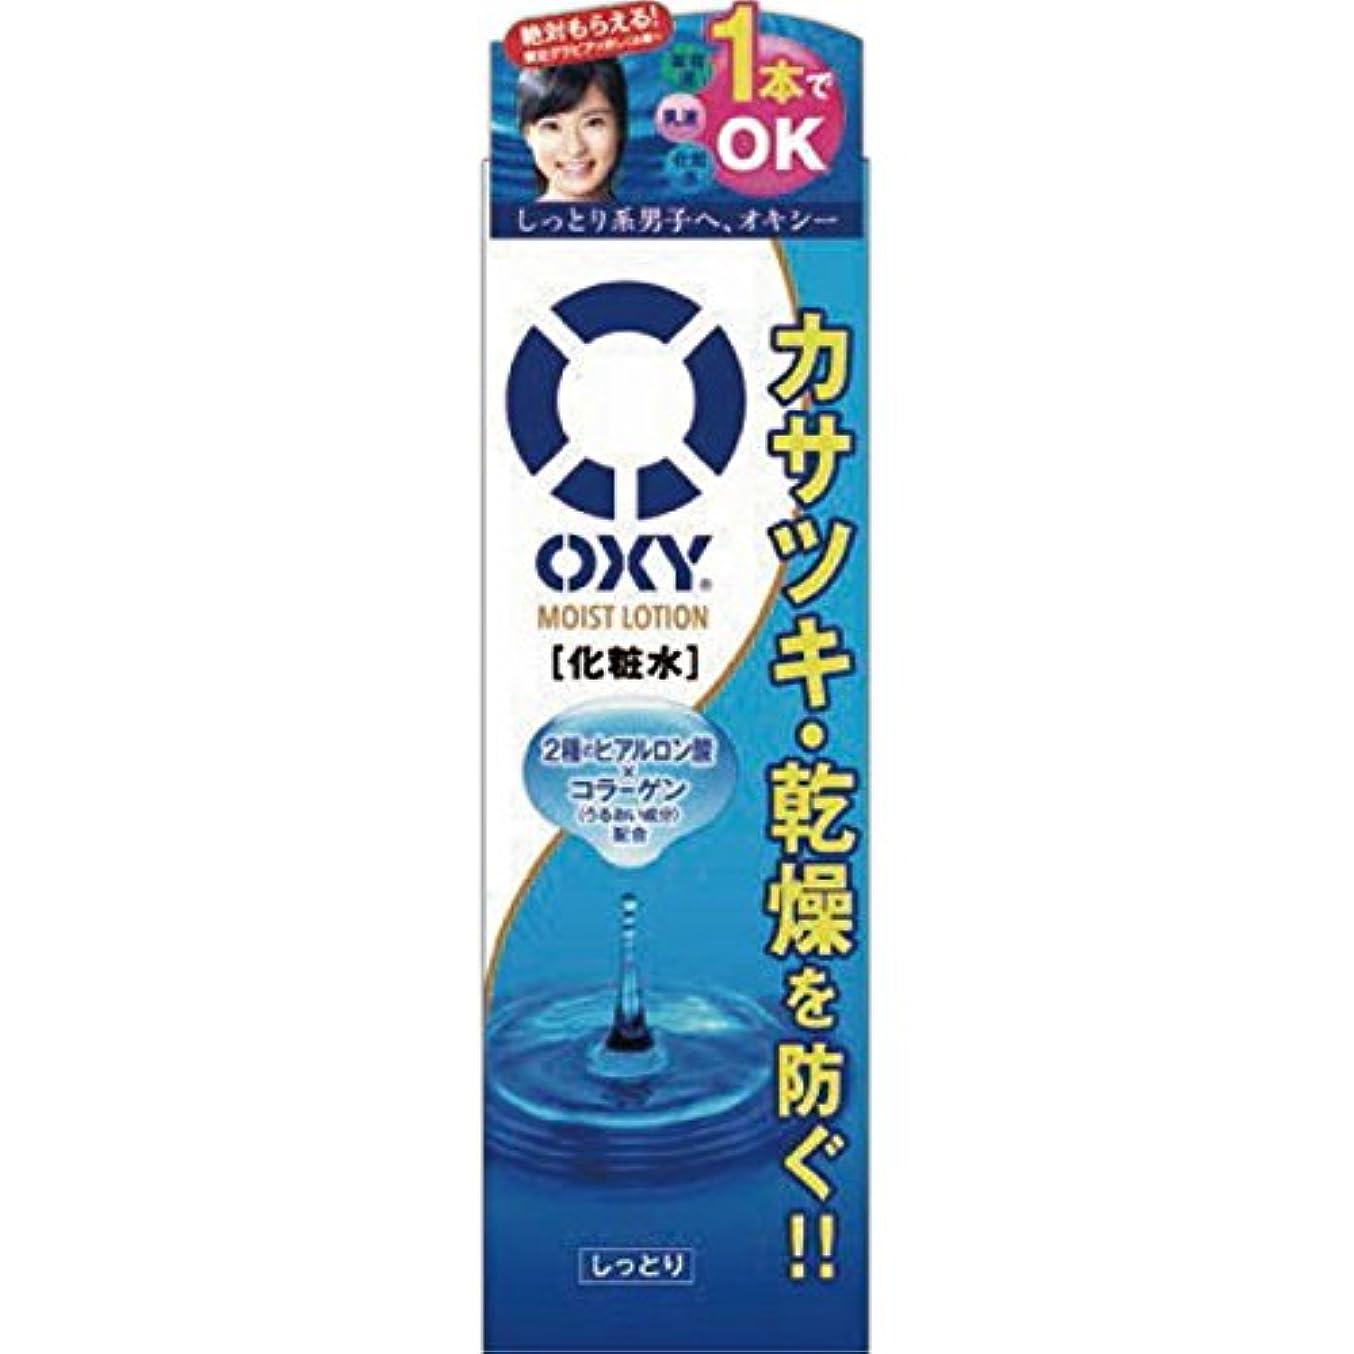 トロピカル何でもレッドデートオキシー (Oxy) モイストローション オールインワン化粧水 2種のヒアルロン酸×コラーゲン配合 ゼラニウムの香 170mL